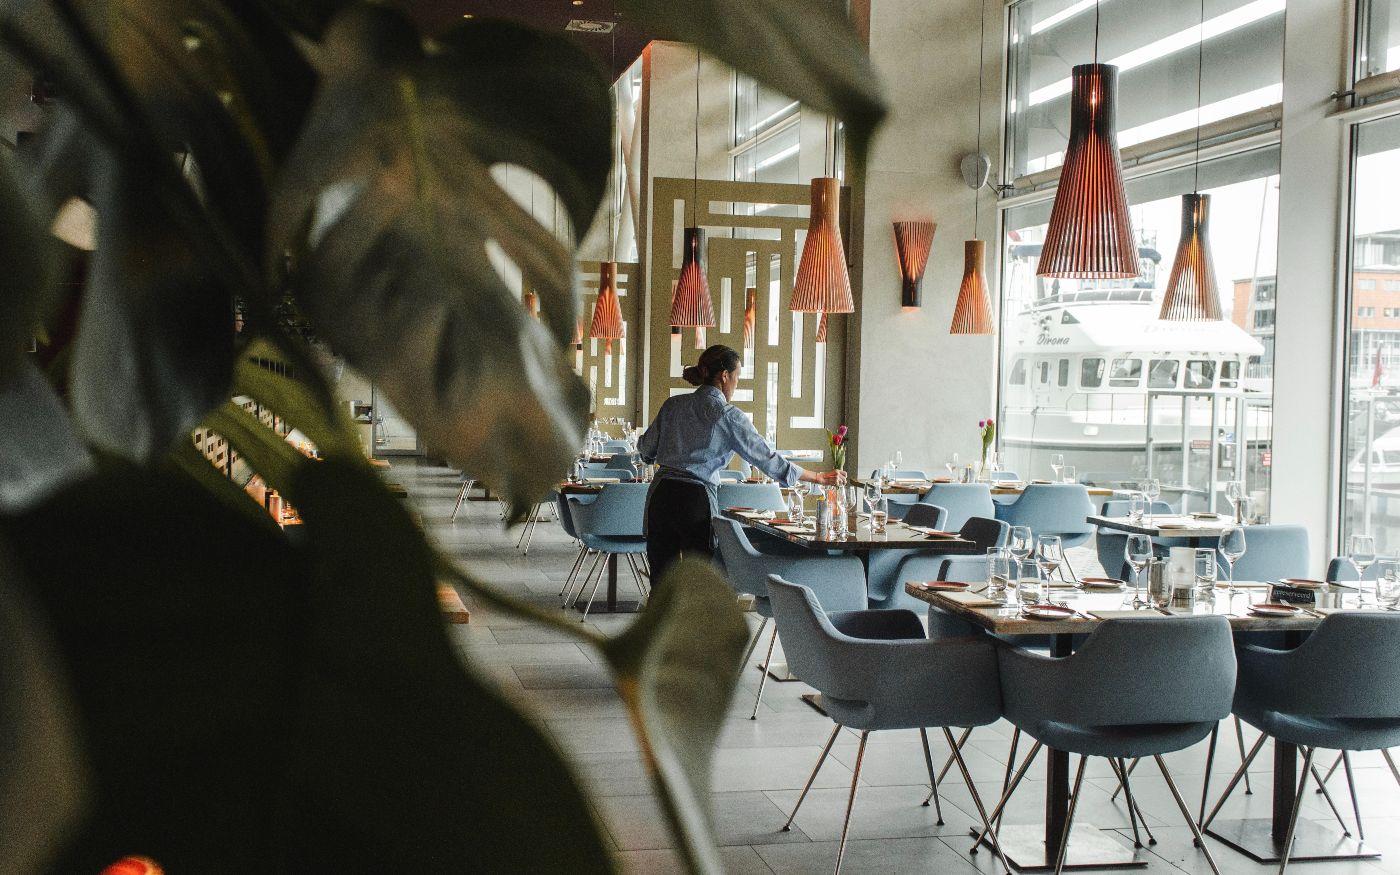 Eine Servicemitarbeiterin des Hotelrestaurants beim Eindecken der Tischen